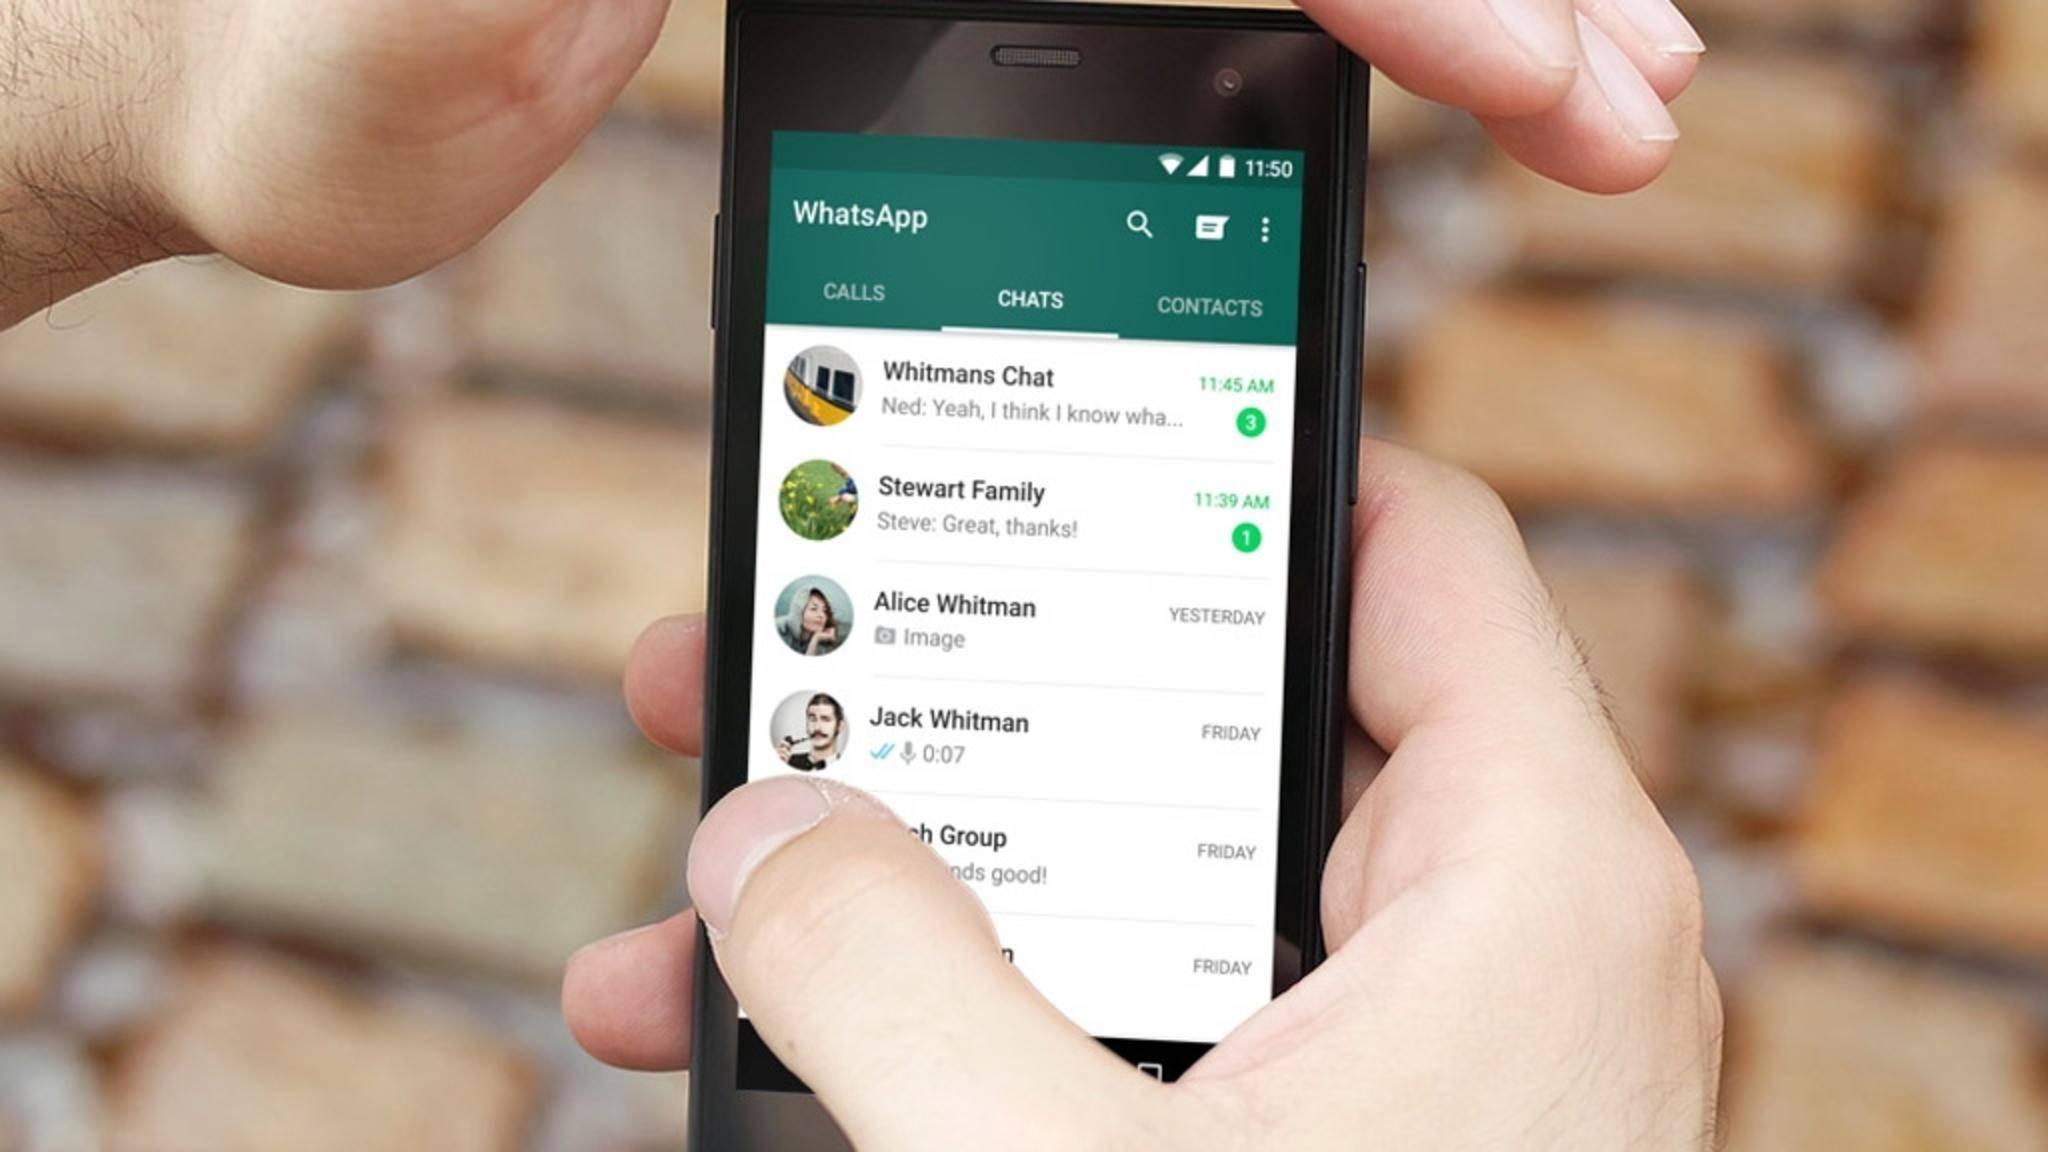 WhatsApp-Backups verbrauchen jetzt keinen Google-Drive-Speicher mehr.